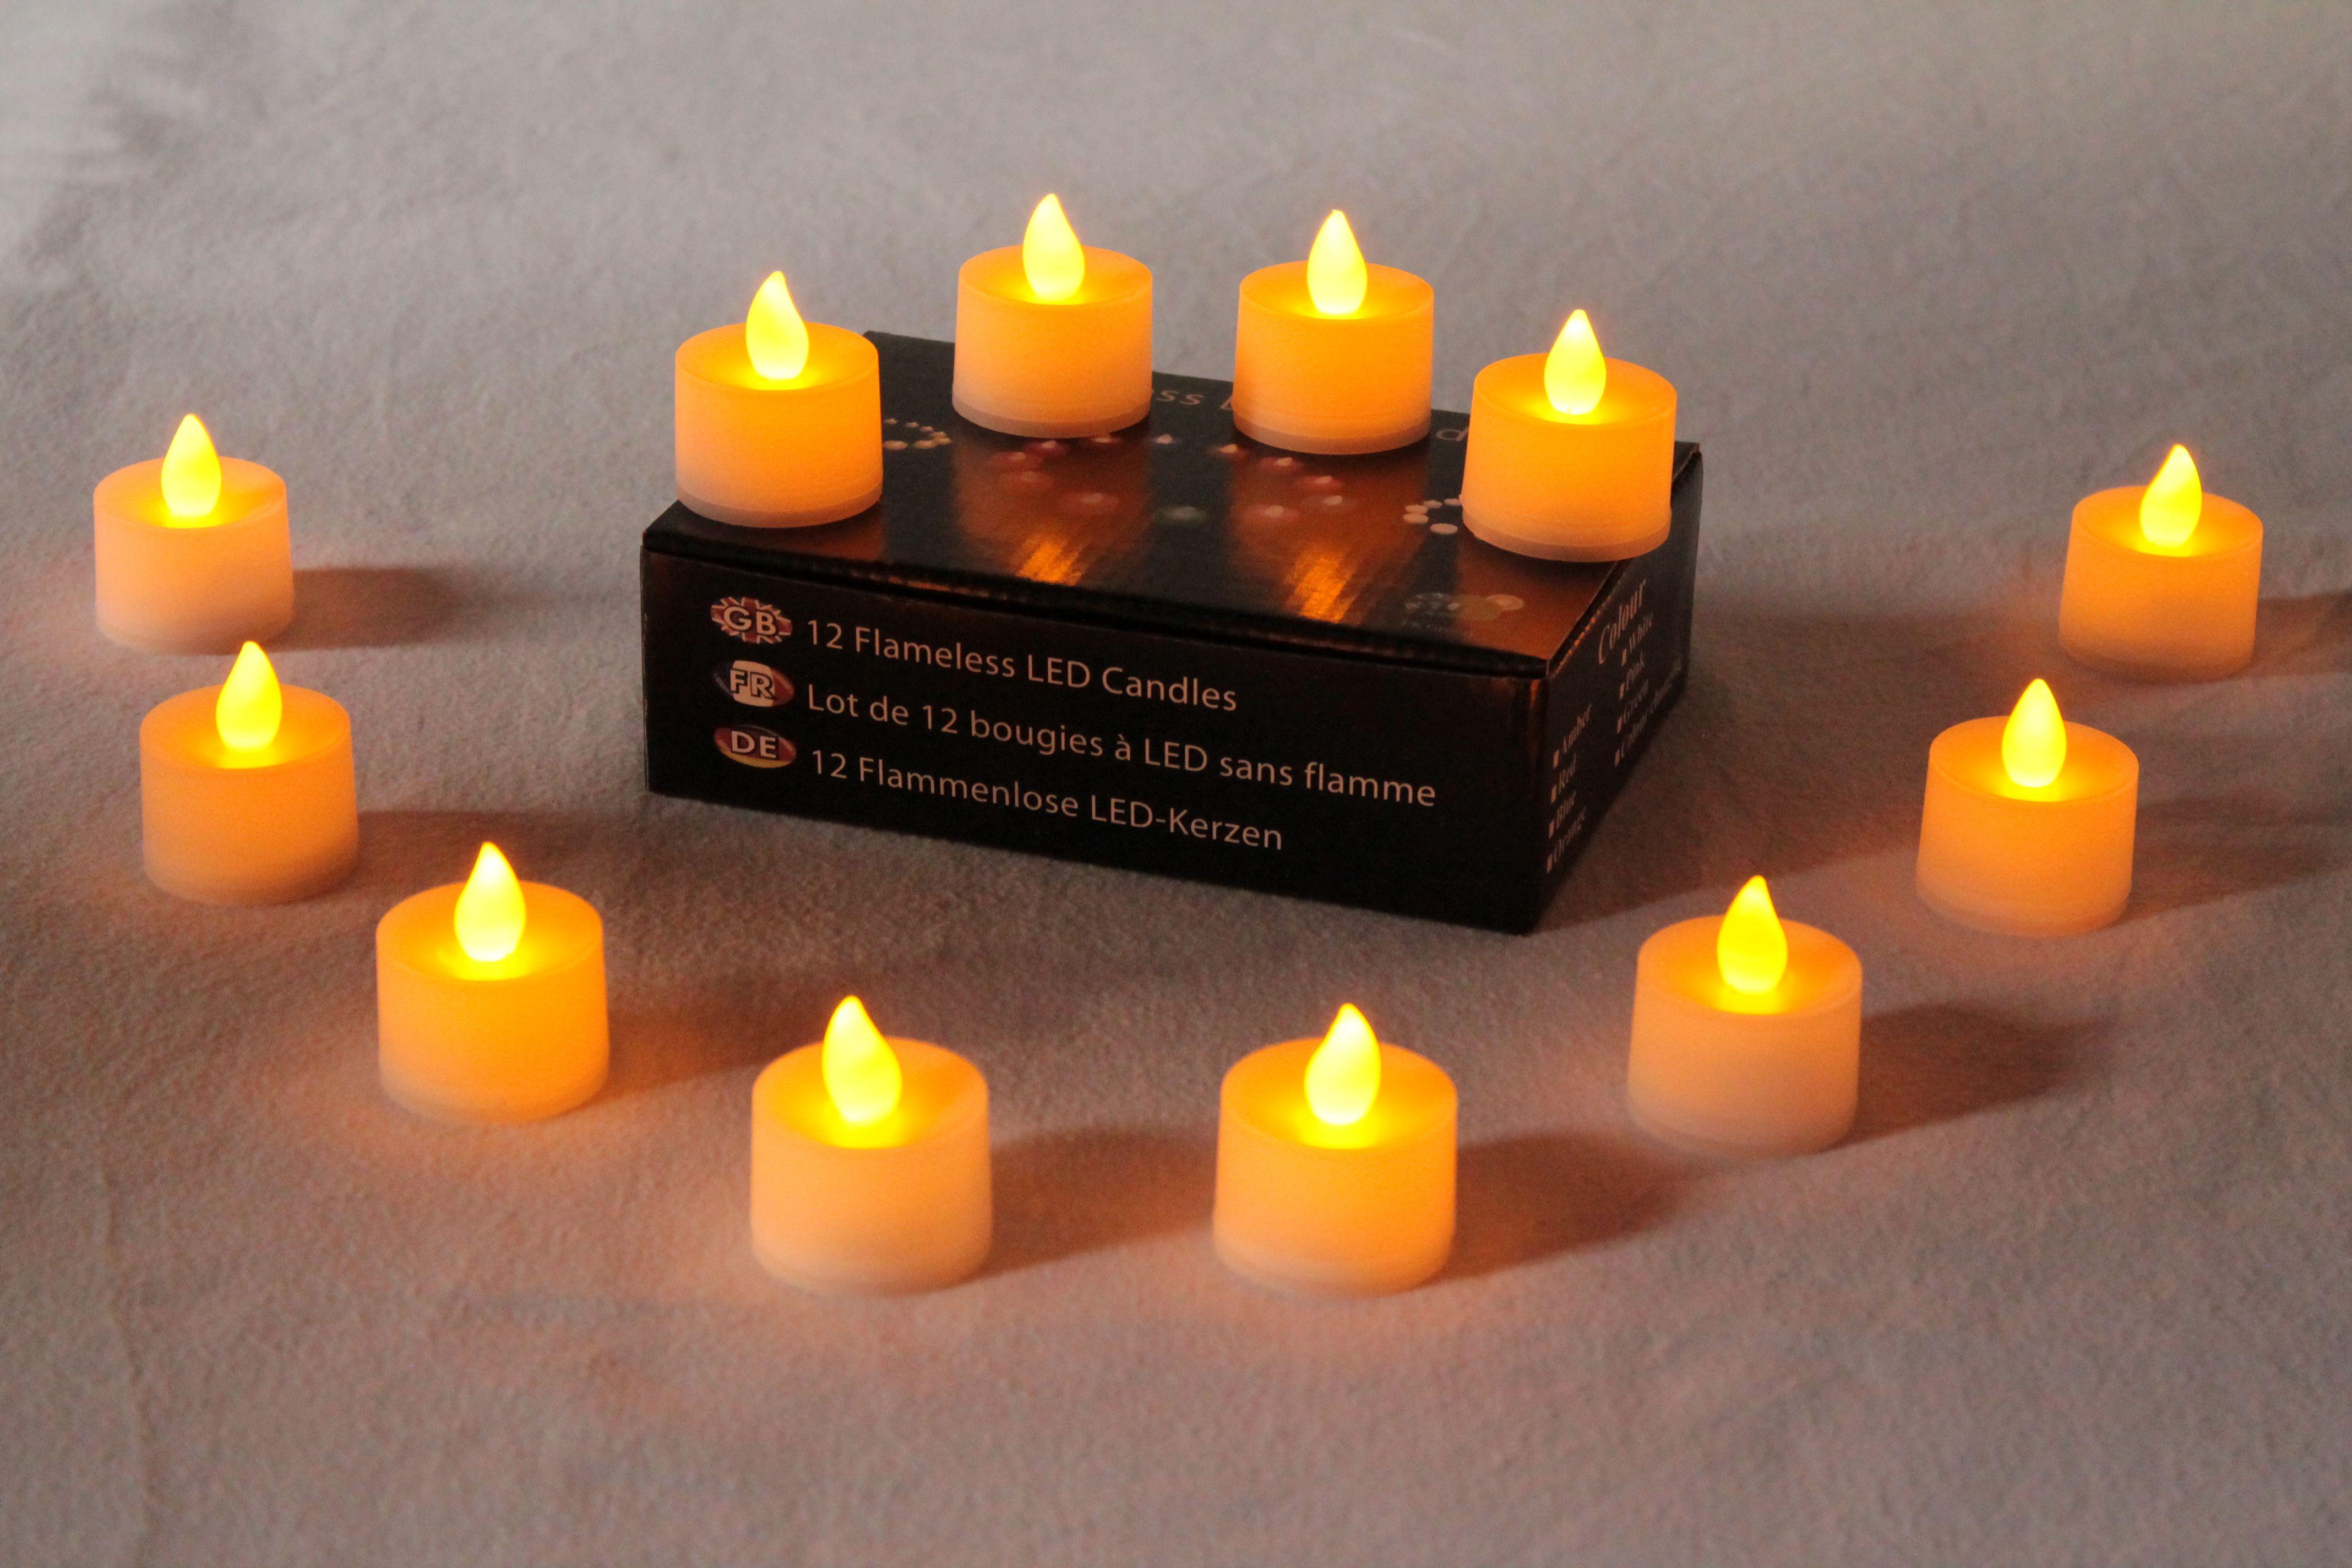 12 Diwali Diya Led Candles Deepawali Flickering Battery Tea